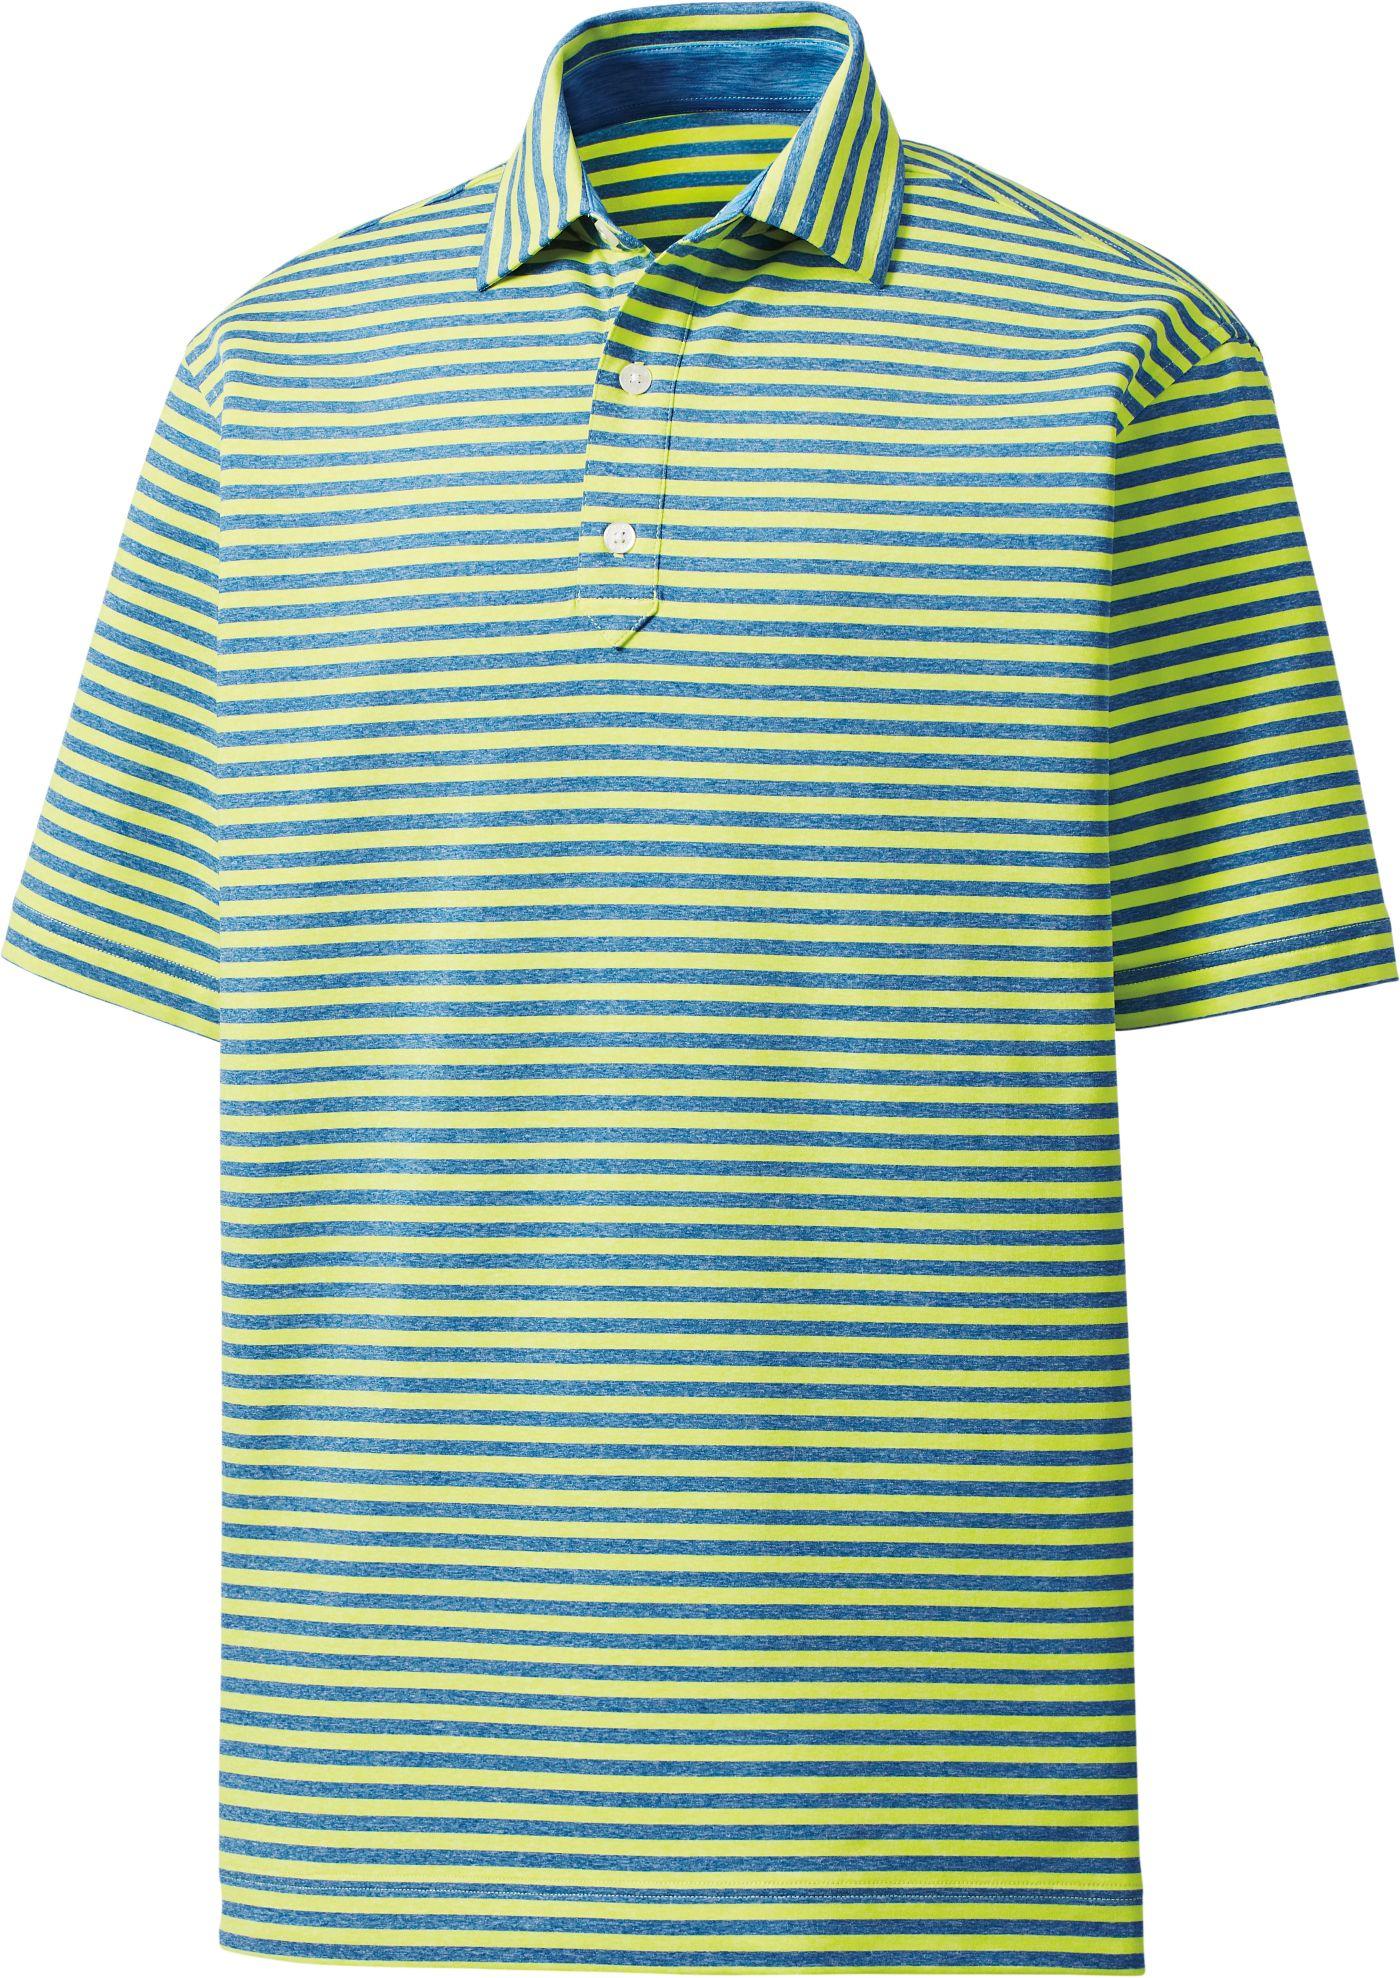 Footjoy Men's Heather Lisle Stripe Golf Polo